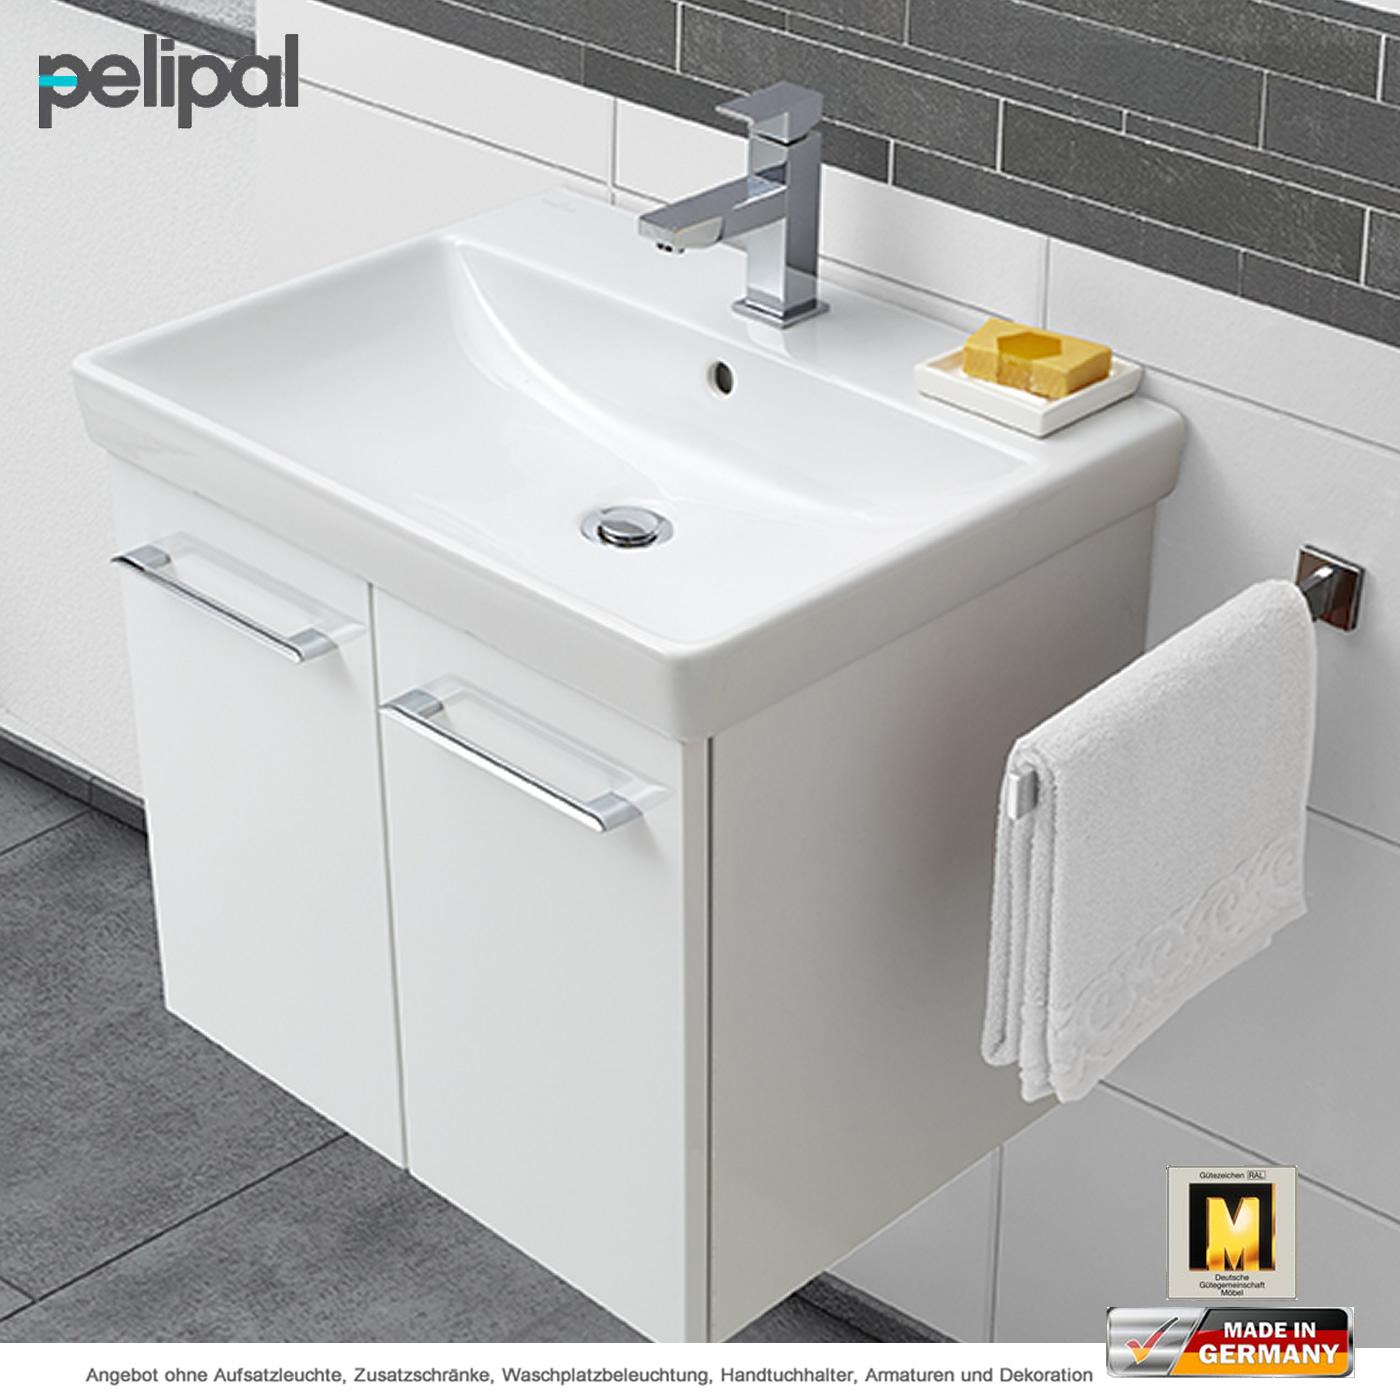 Pelipal Solitaire 9005 Waschtischset 60 Cm Keramag Mit 2 Turen